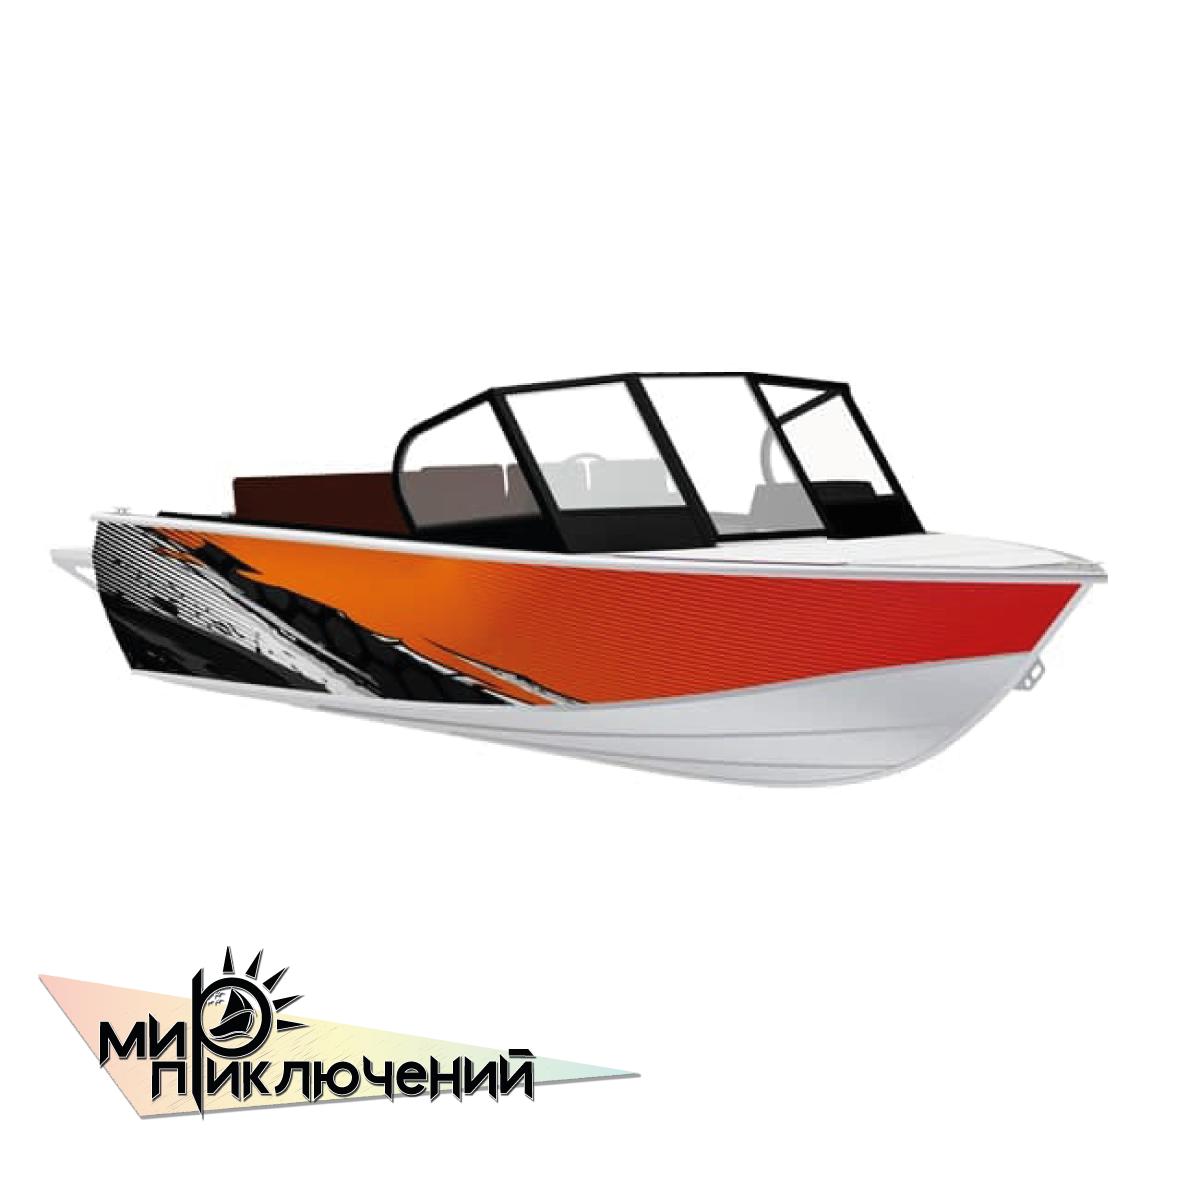 Моторная лодка Салют-480 Neo FISH PRO